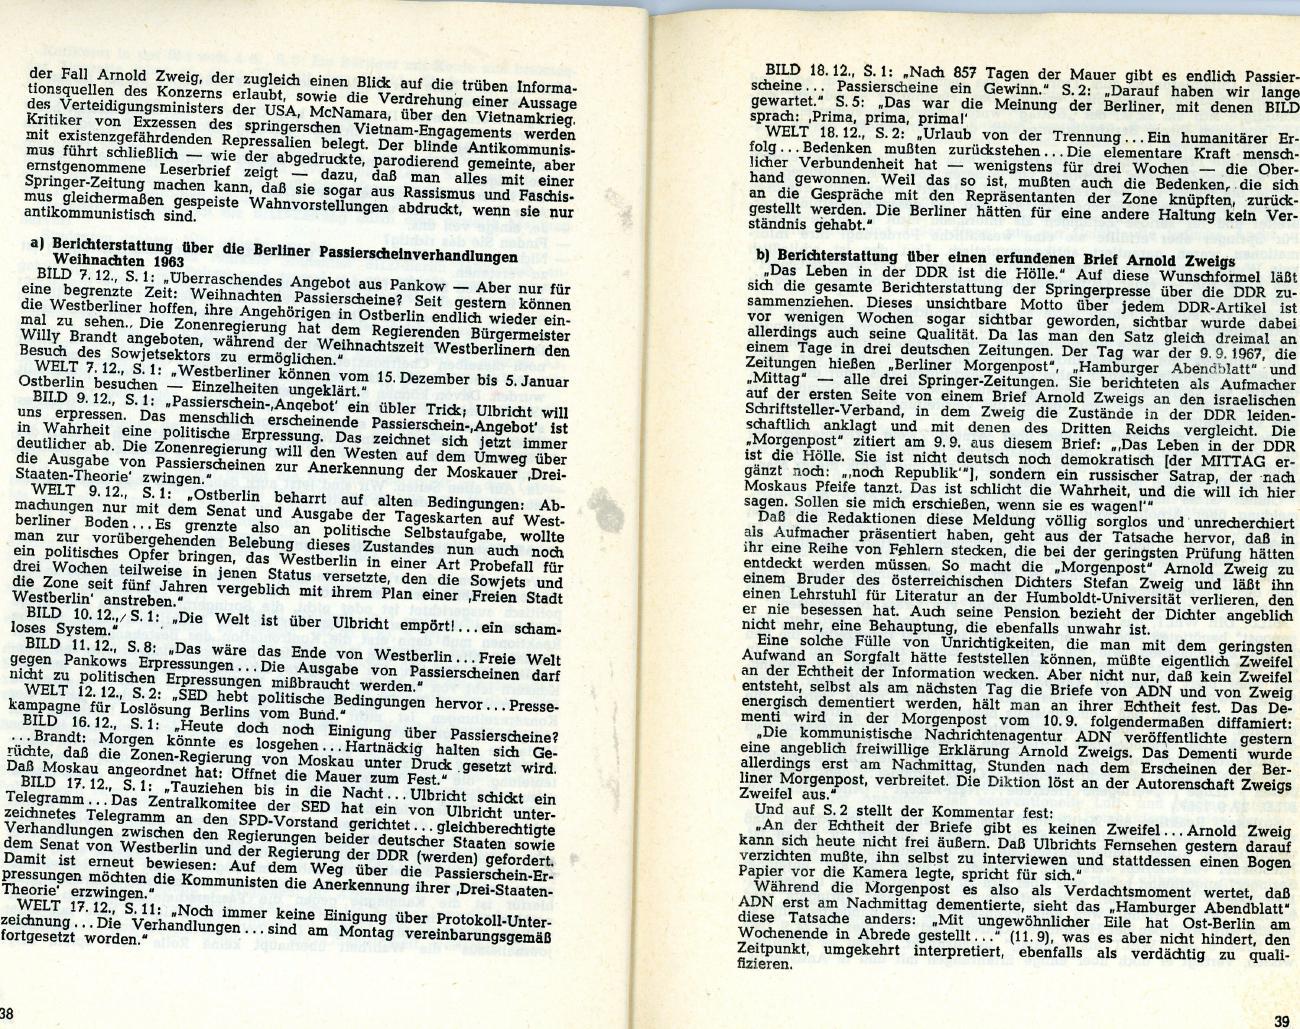 Berlin_RC_1967_Springer_enteignen_22